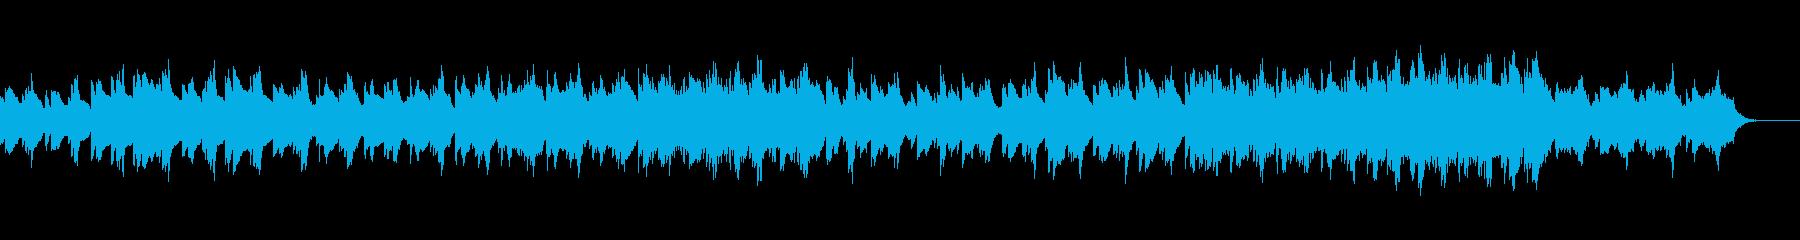 さびしい雰囲気のエレピサウンドBGMの再生済みの波形